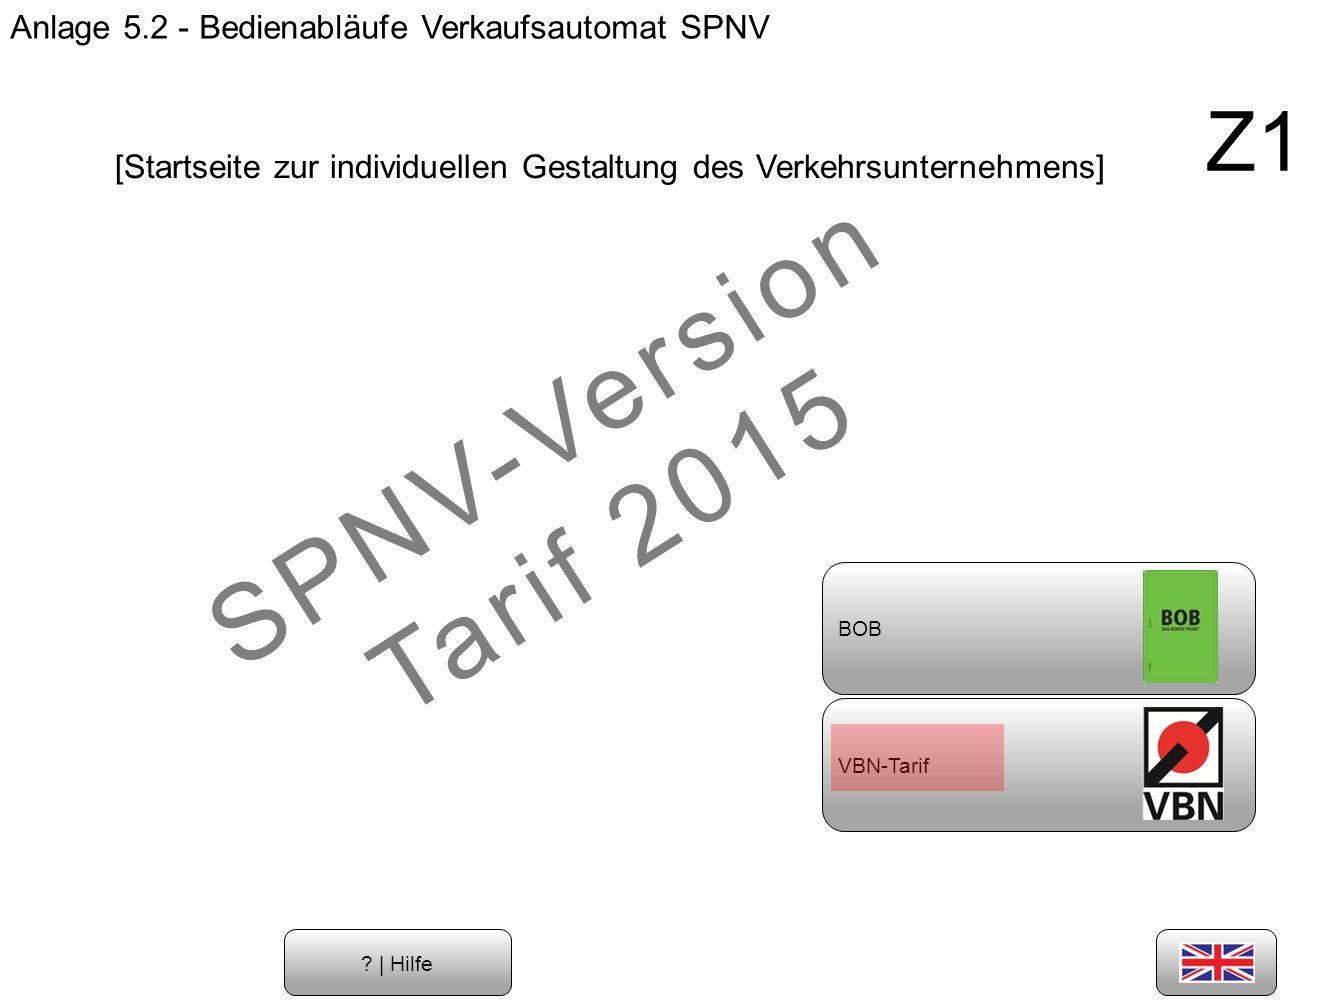 Anlage 5.2 - Bedienabläufe Verkaufsautomat SPNV